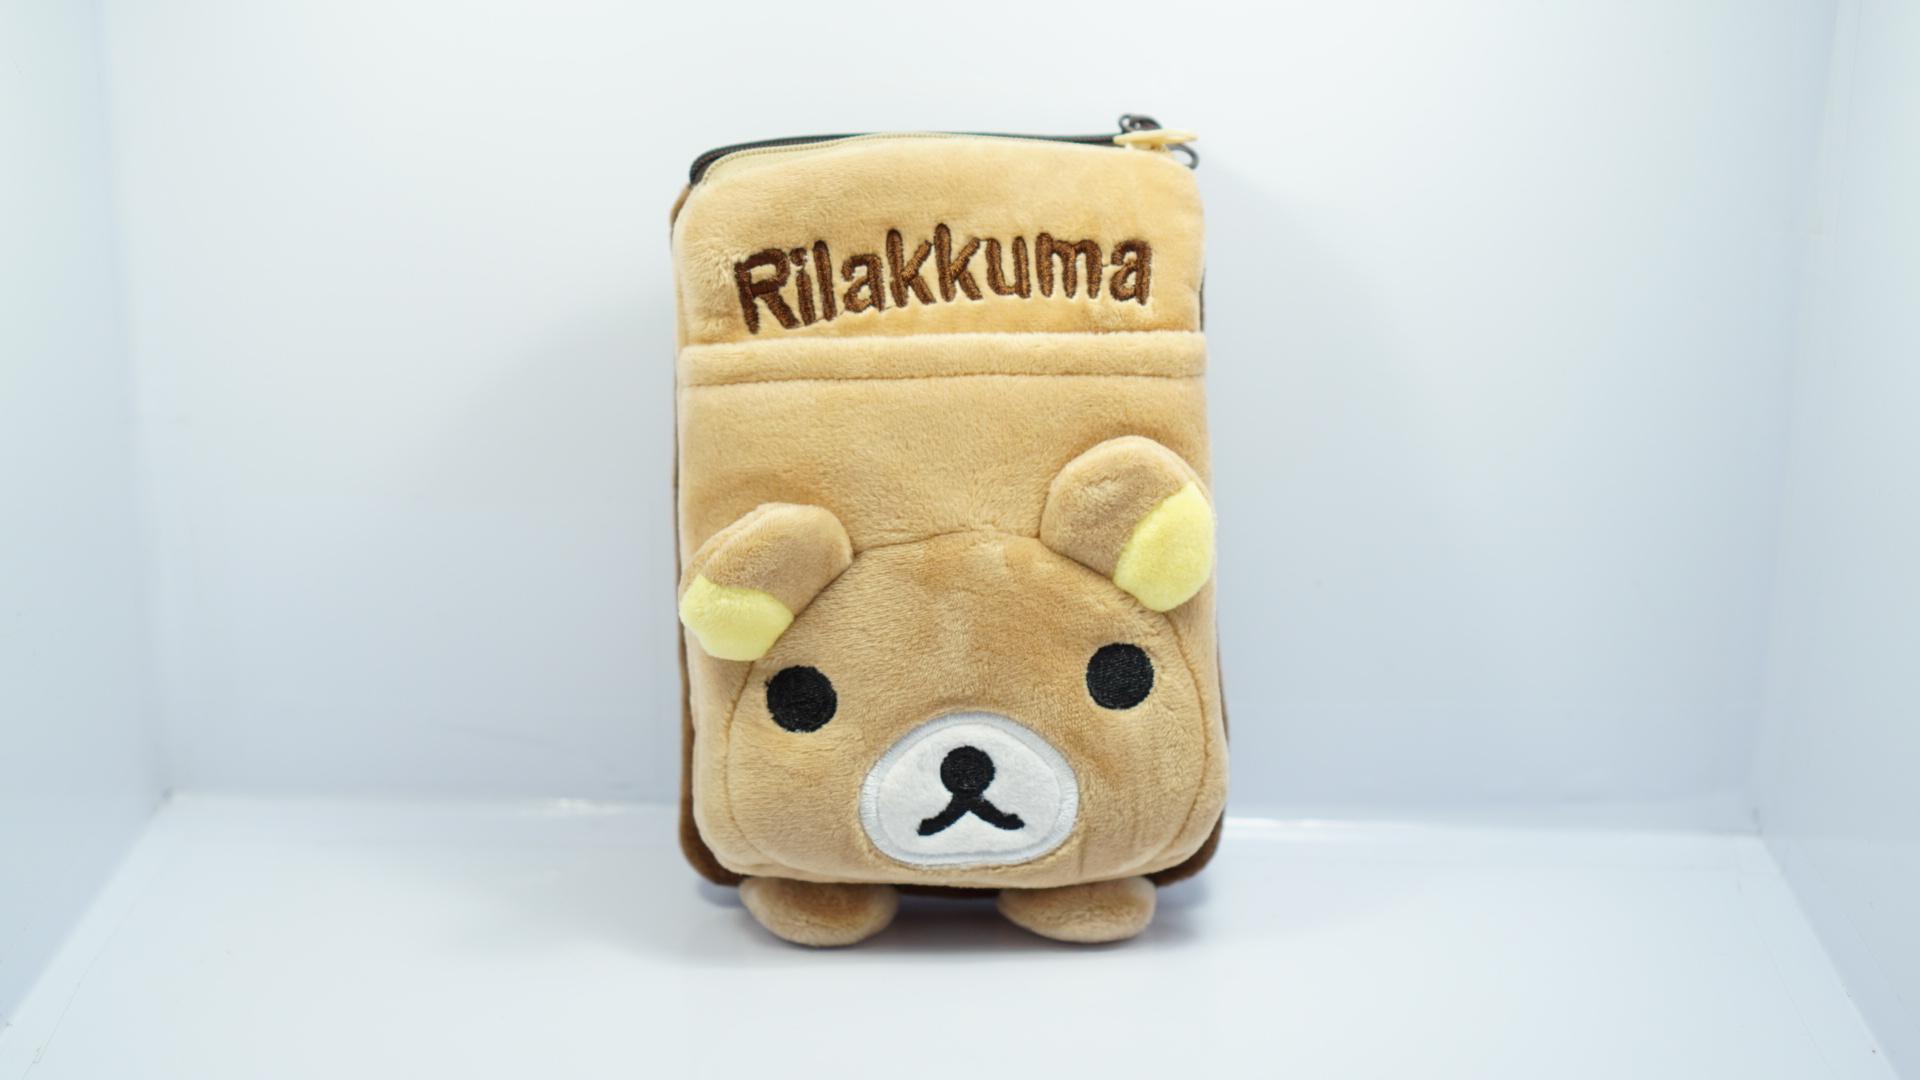 กระเป๋าผ้า Rilakkuma